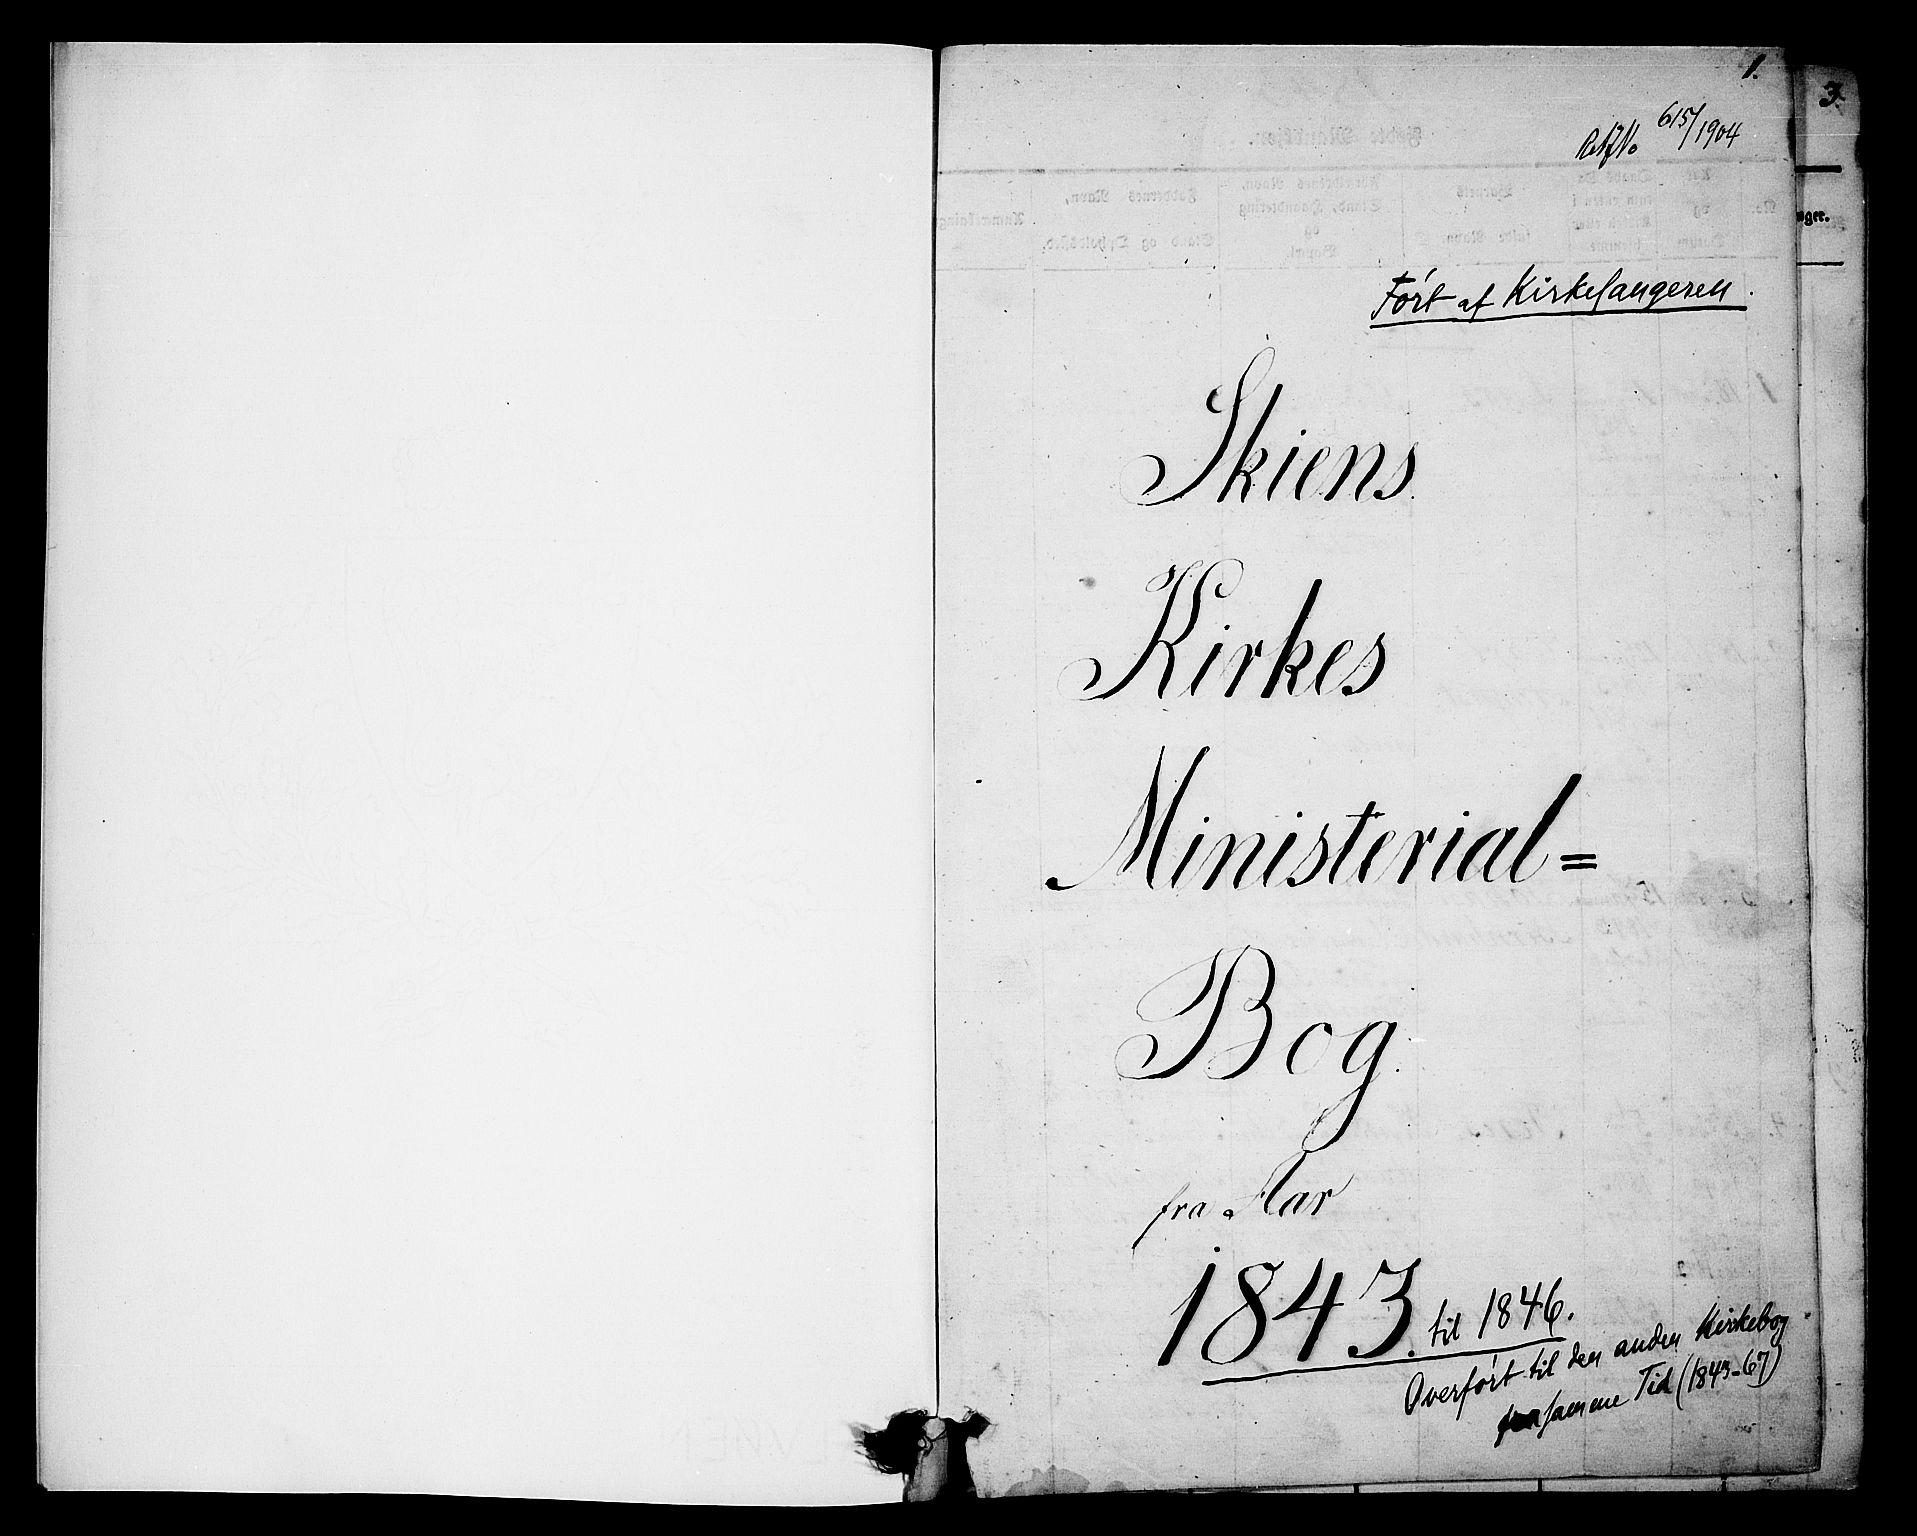 SAKO, Skien kirkebøker, G/Ga/L0003: Klokkerbok nr. 3, 1843-1847, s. 0-1